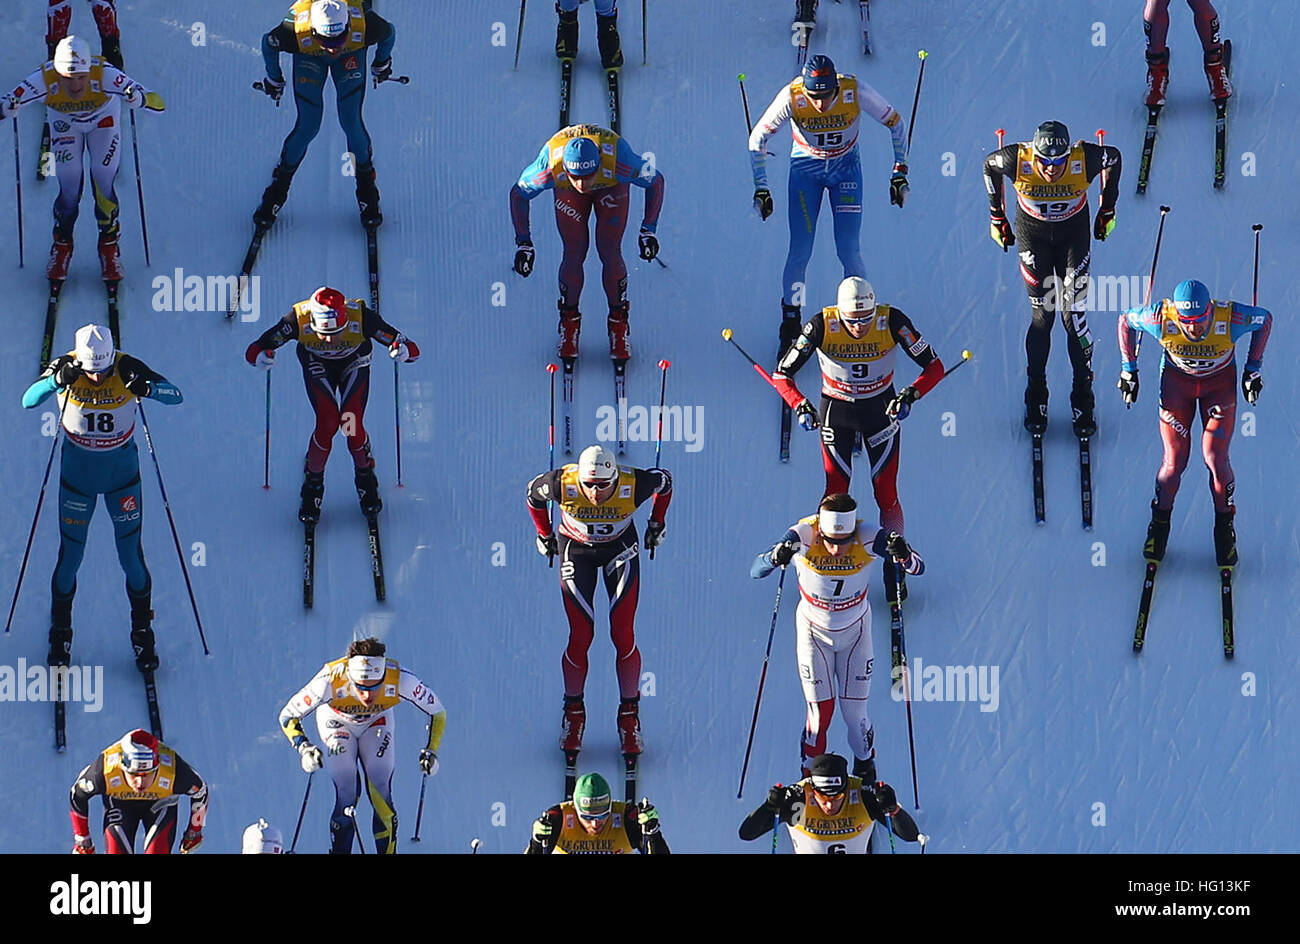 Oberstdorf, Deutschland. 3. Januar 2017. Langläufer in Aktion während der FSI Tour de Ski-Wettbewerb in Stockbild